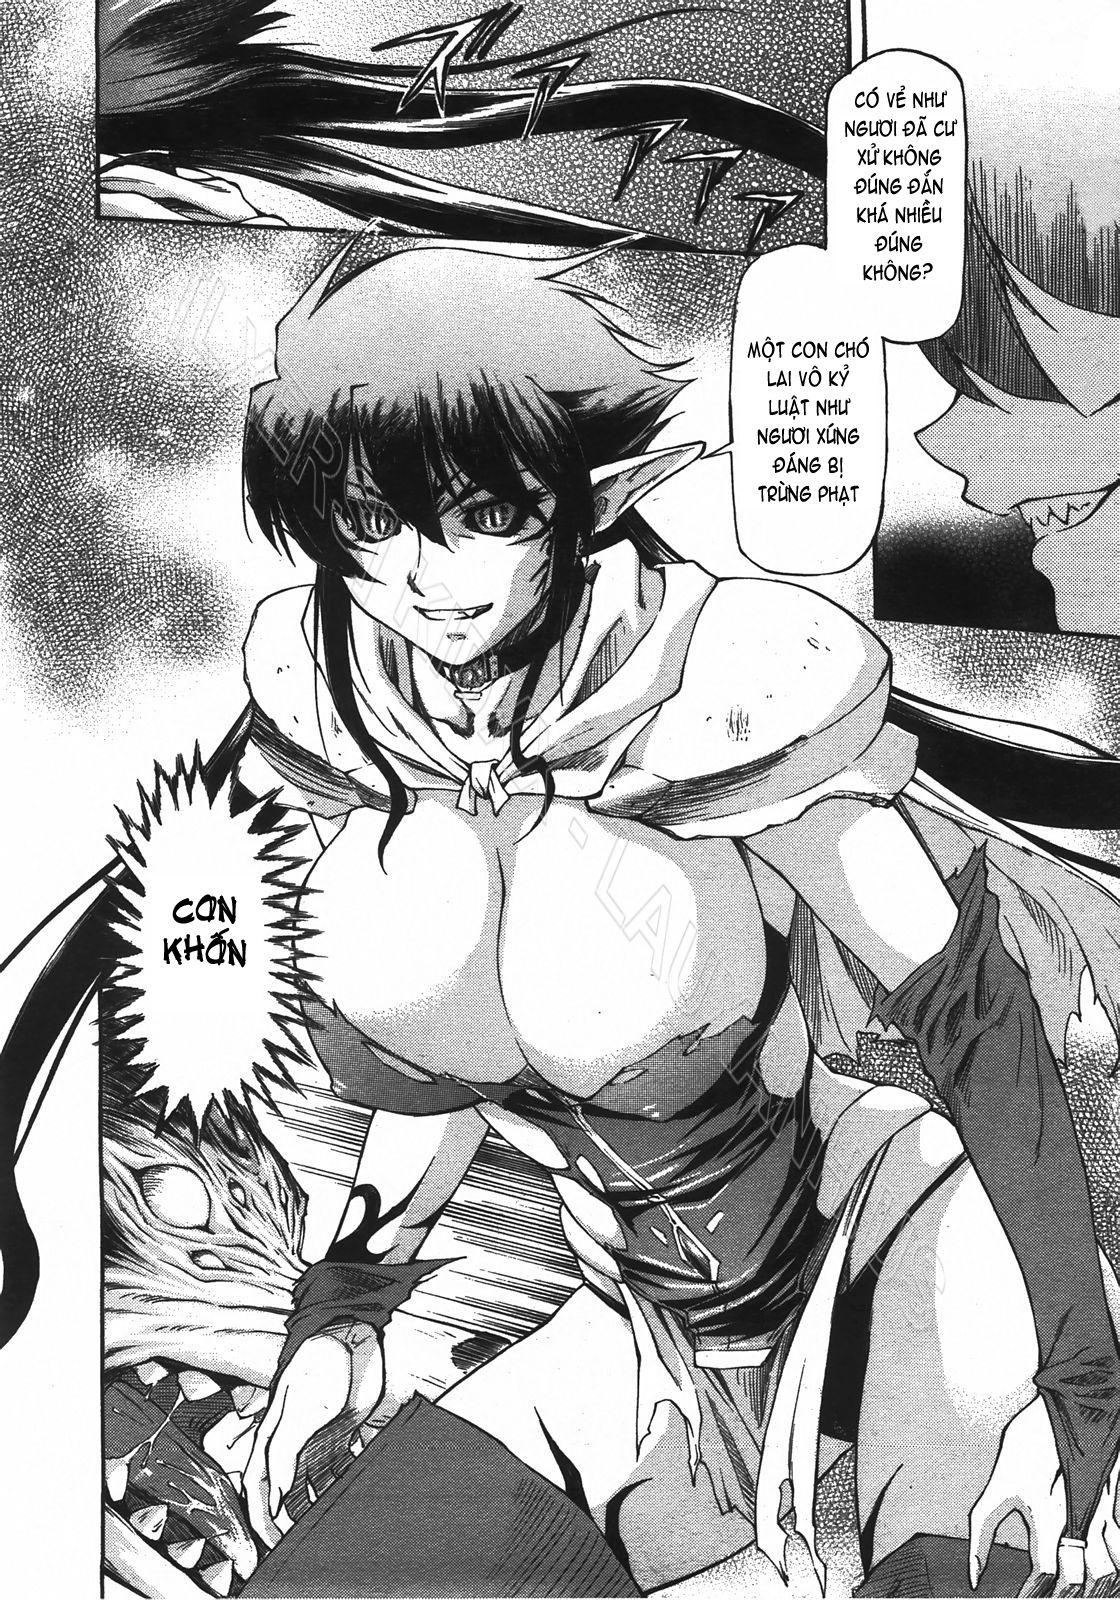 Hình ảnh Hinh_005 in Truyện tranh hentai không che: Parabellum